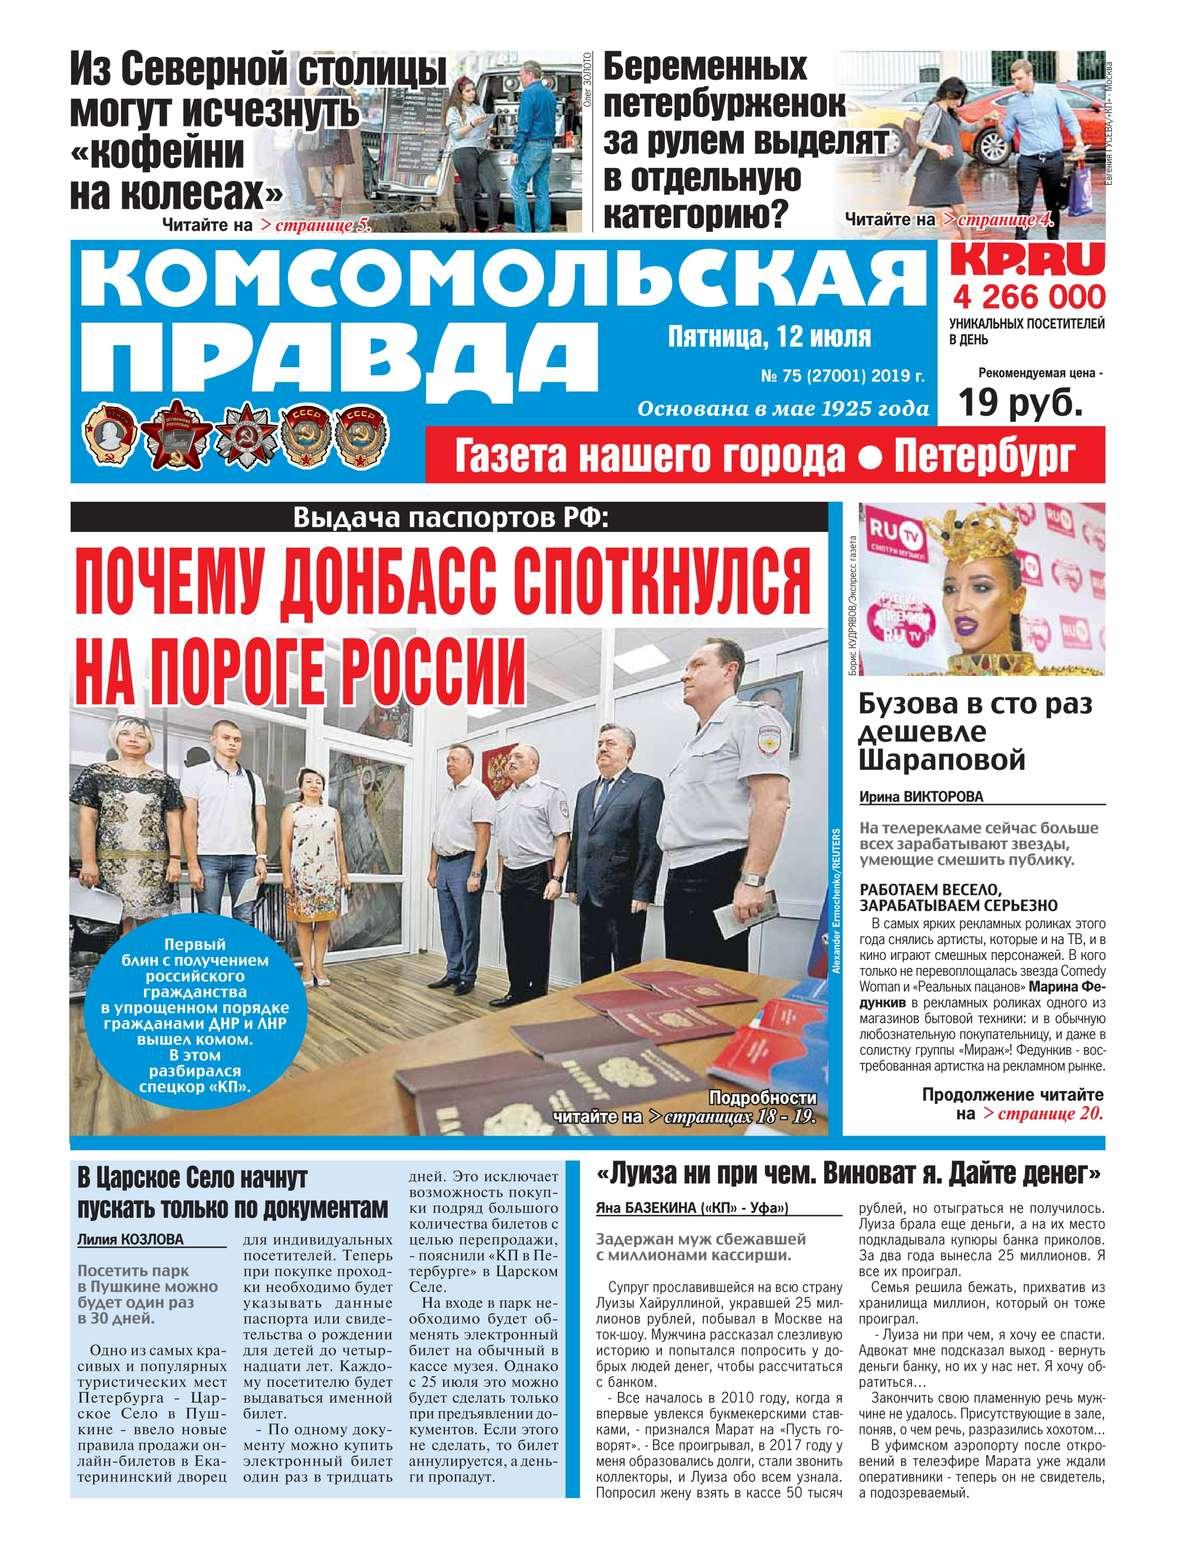 Комсомольская Правда. Санкт-Петербург 75-2019